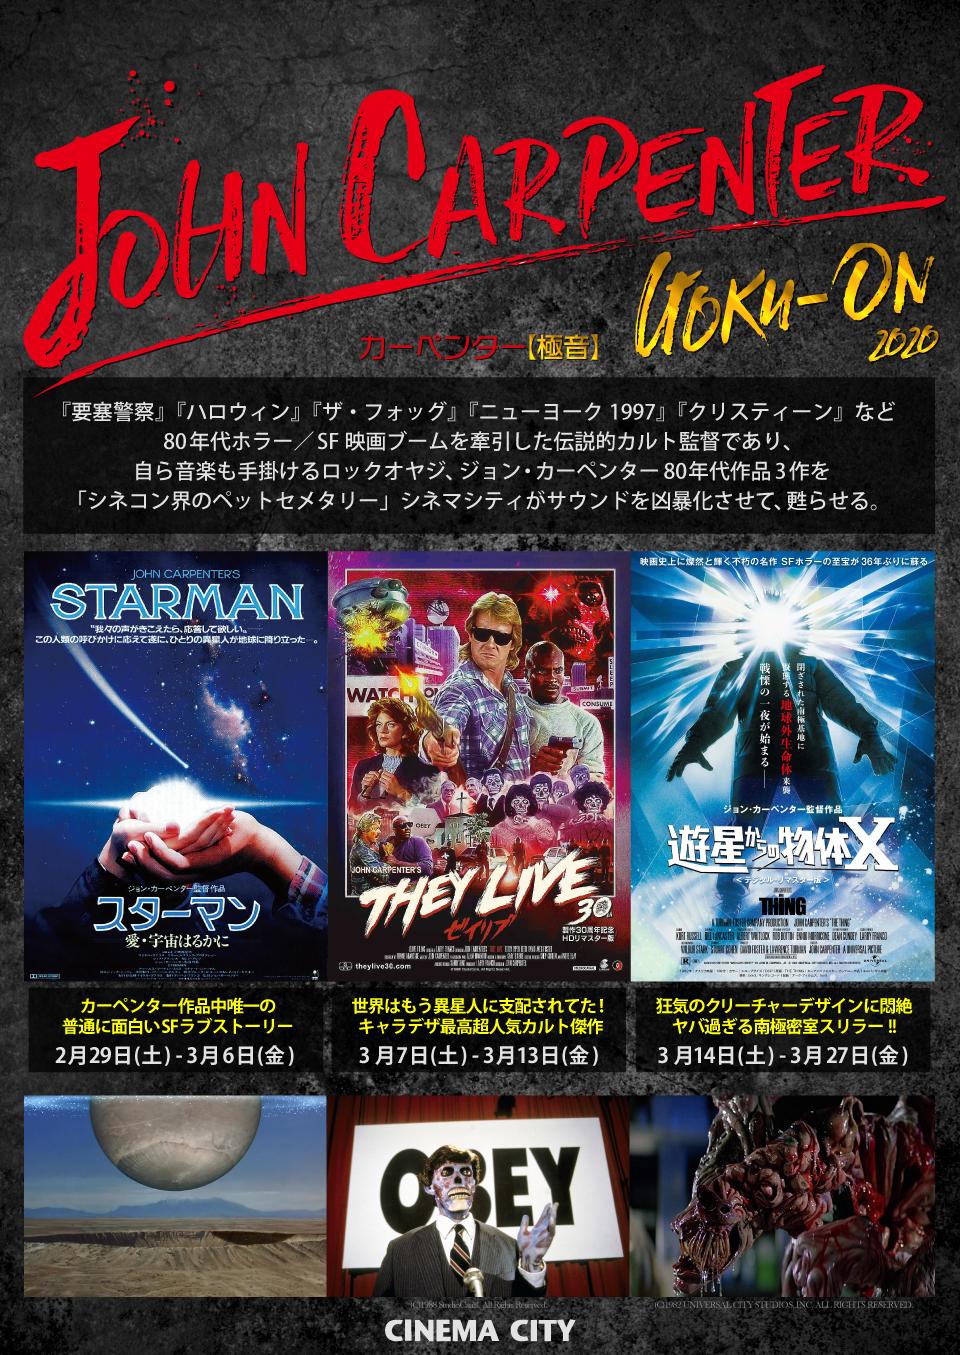 今年が何年だろうと関係ないぜ。 ジョン・カーペンター【極音】開催。『スターマン』『ゼイリブ』『遊星からの物体X』80年代宇宙人モノだ!